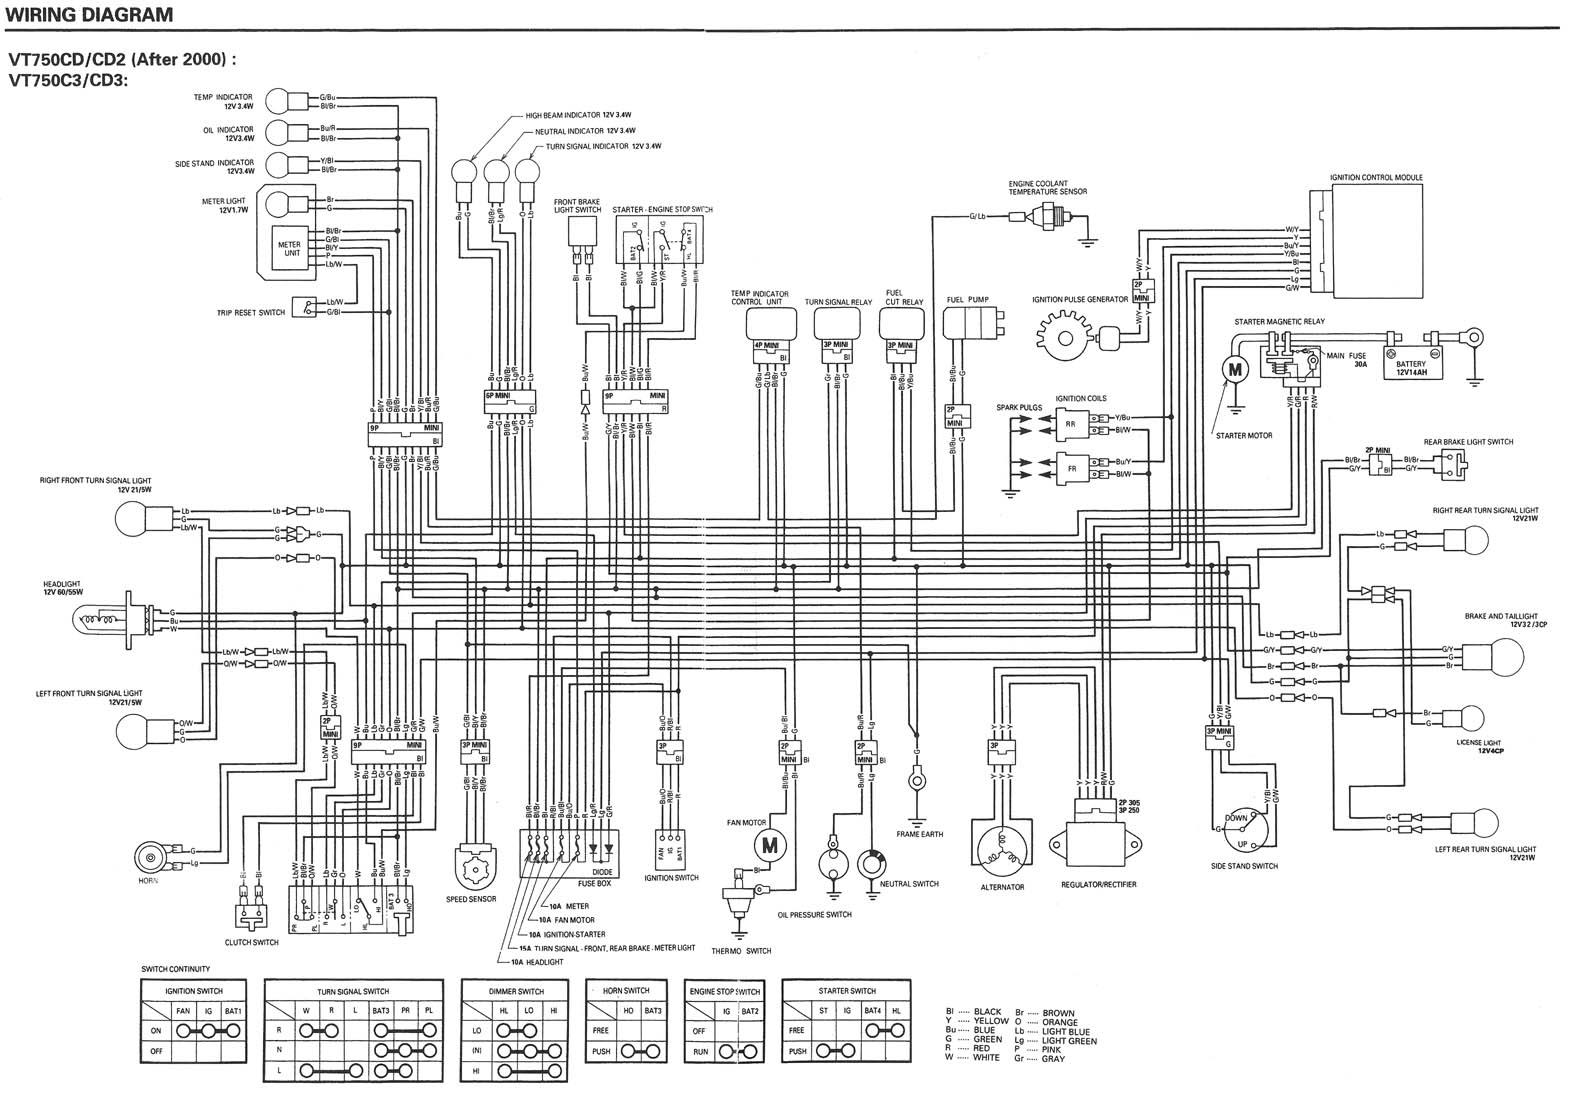 2002 Honda Shadow 750 ACE Sdo dead | Honda Shadow Forums on vulcan 750 parts diagram, vulcan 900 wiring diagram, vulcan 1600 wiring diagram, vulcan 500 wiring diagram, virago 750 wiring diagram, vulcan 750 circuit diagram, corsair 750 wiring diagram, vulcan 1500 wiring diagram, vulcan 750 turn signals,